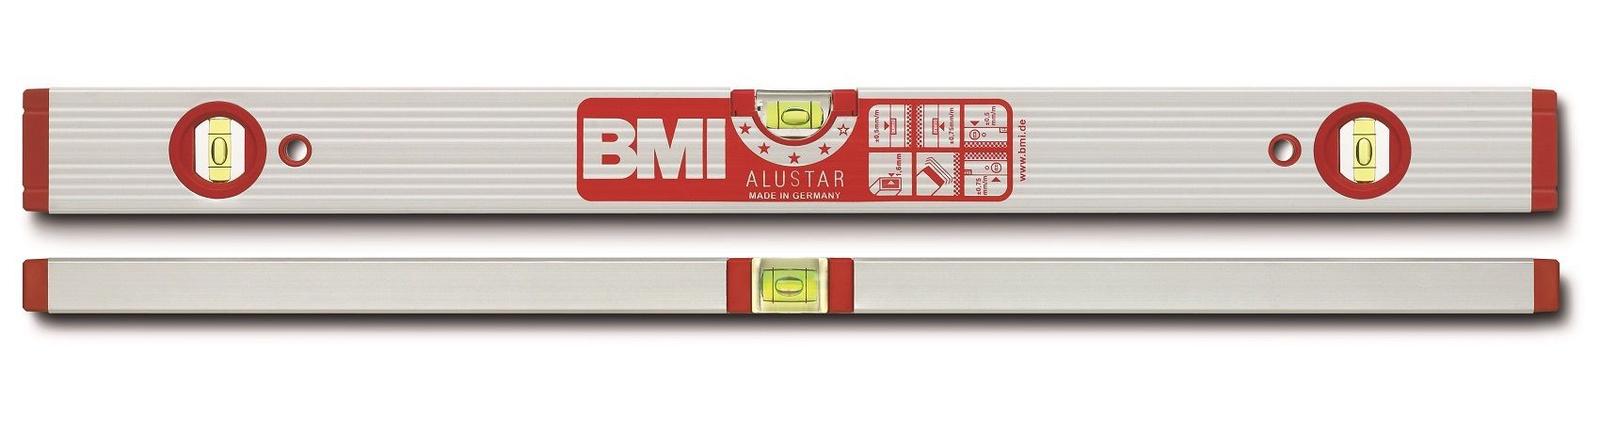 Уровень противоударный ALUSTAR 1500 мм BMI 691150S